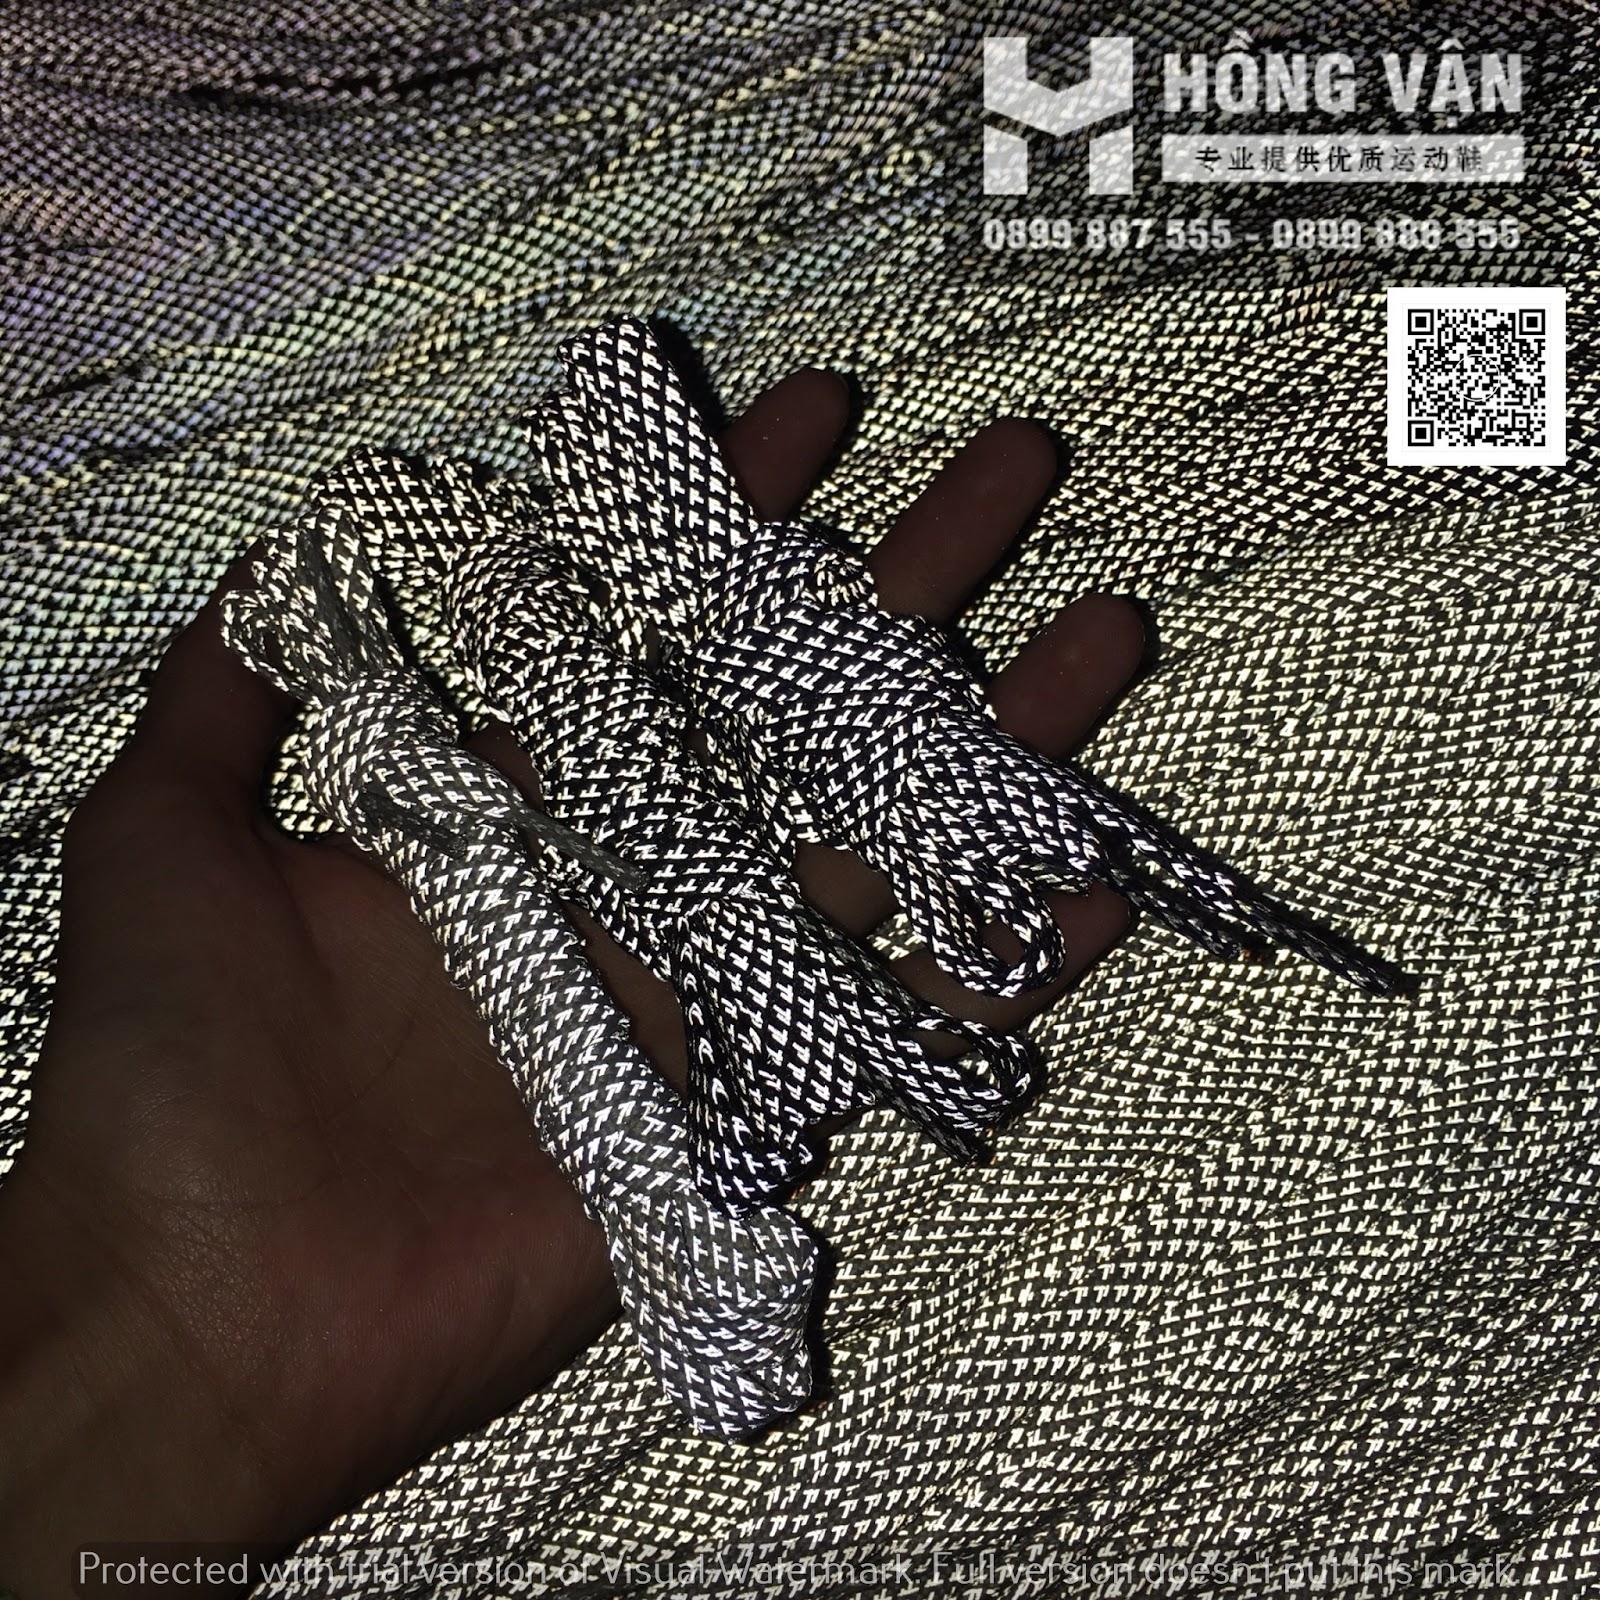 Hồng Vận - Nhà buôn sỉ giày thể thao và kèm theo những phụ kiện thể th - 22